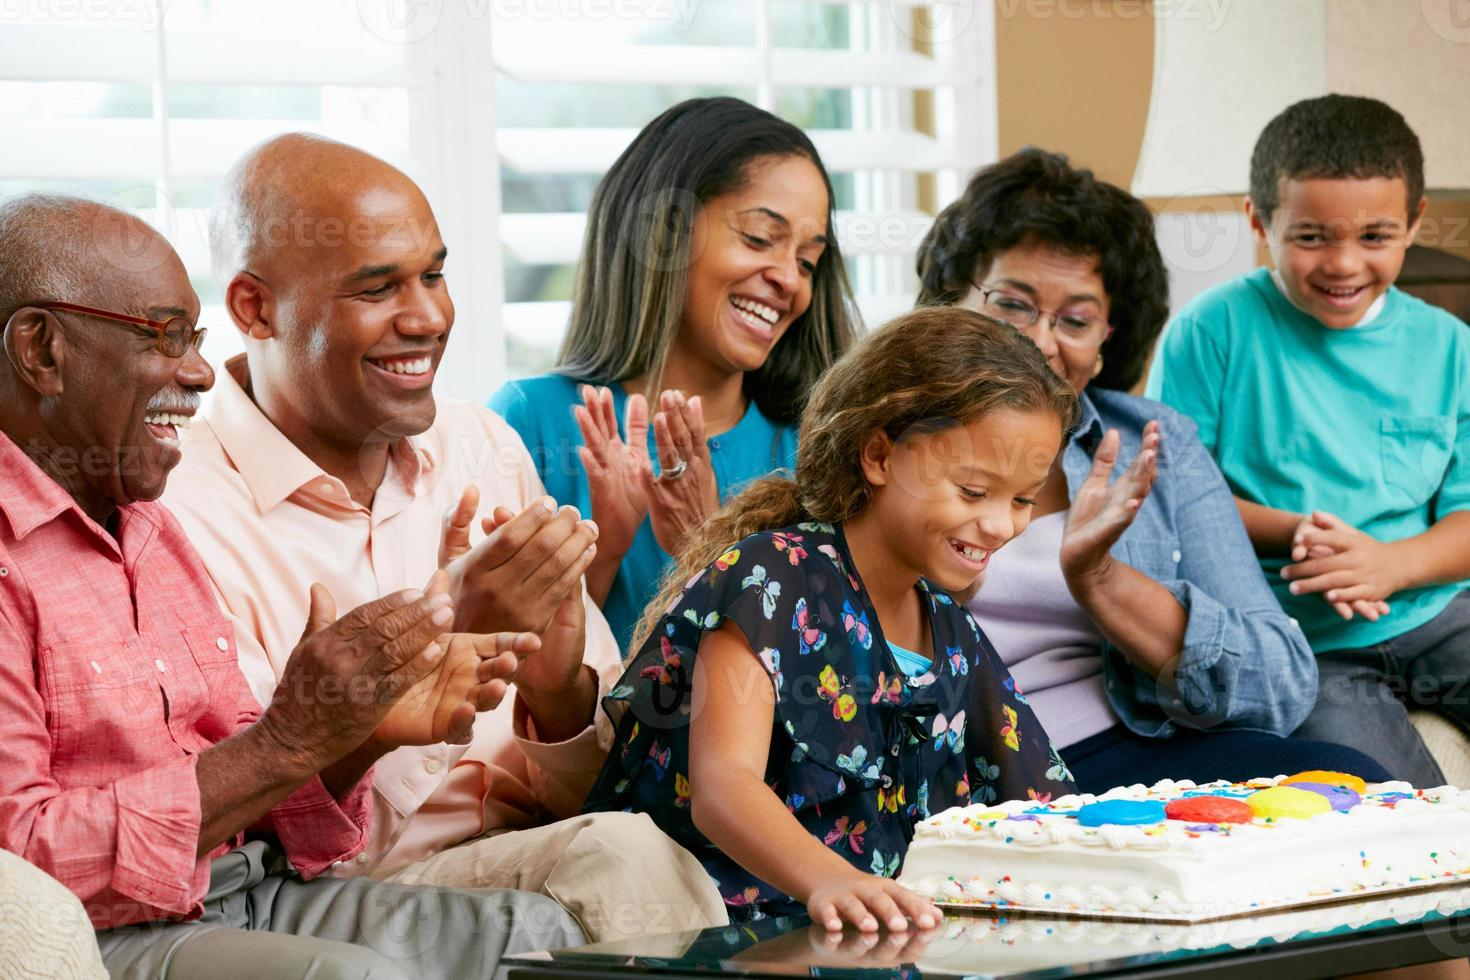 Familie mit mehreren Generationen, die den Geburtstag ihrer Tochter feiert foto